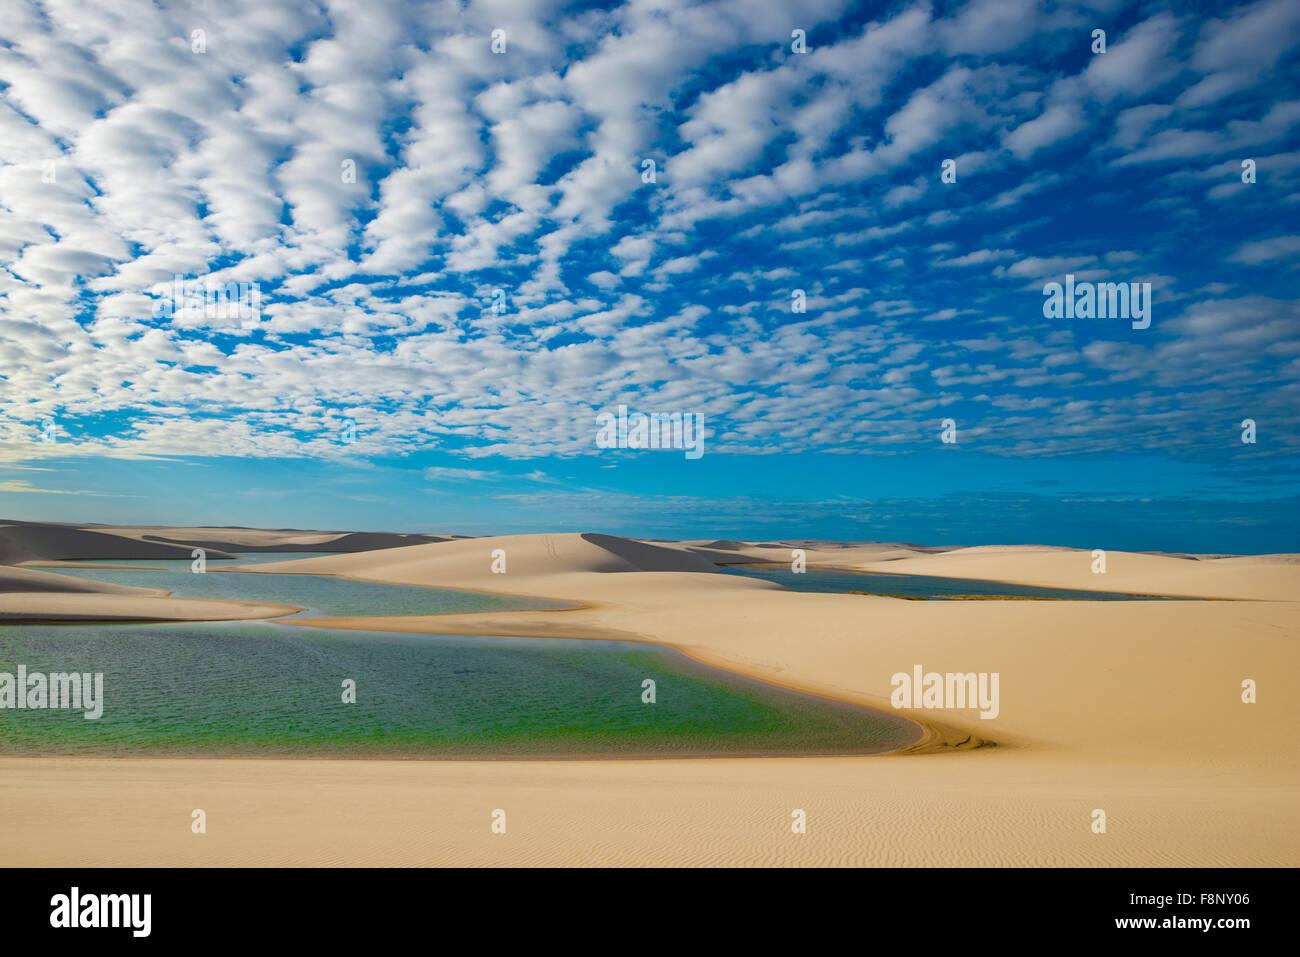 Rainwater  ponds trapped in white dunes, Lencois Maranhenses National Park, Brazil, Atlantic Ocean - Stock Image